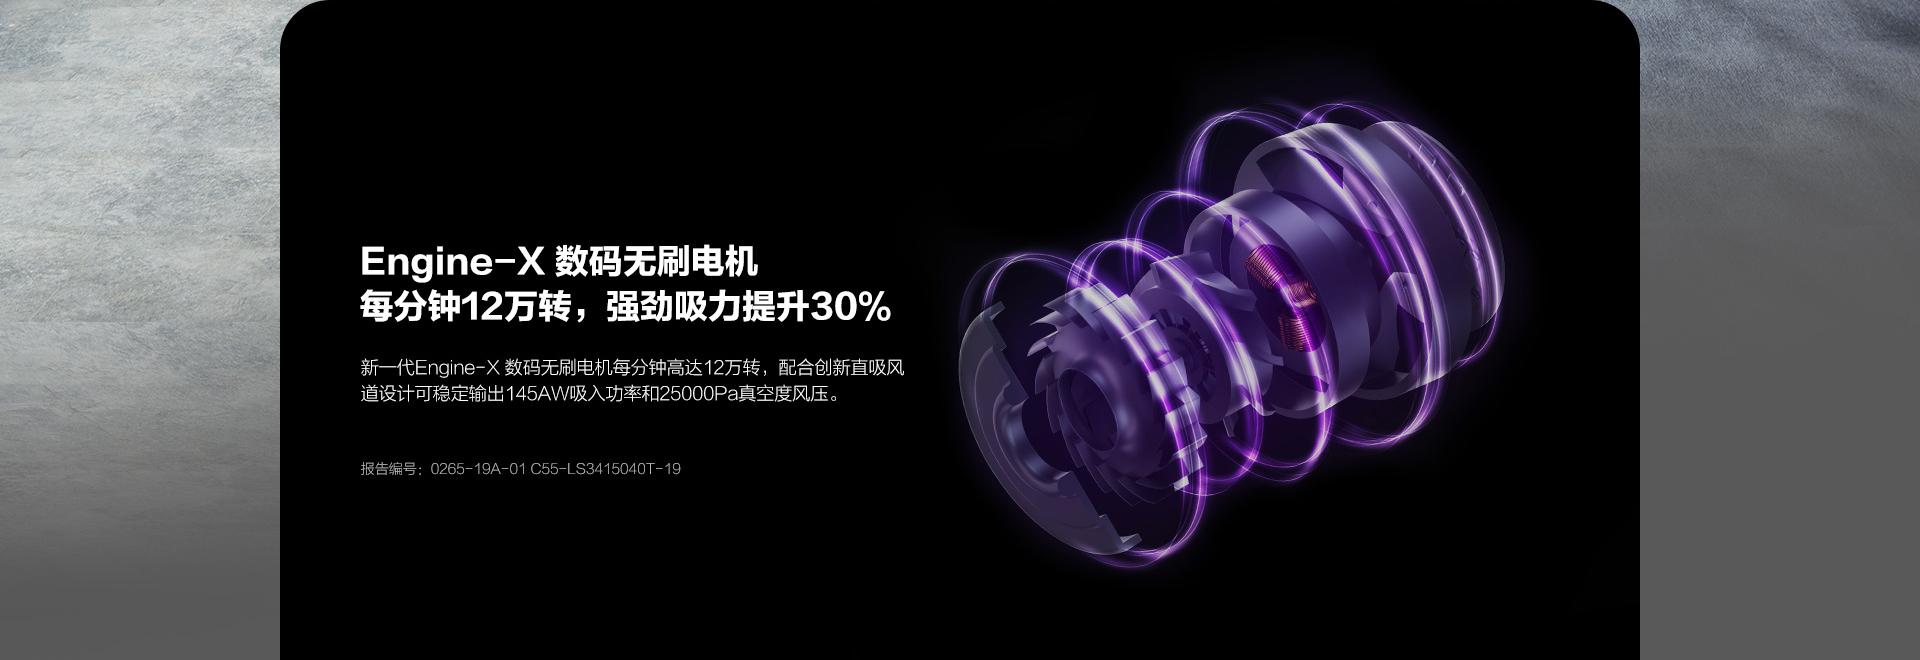 睿米吸尘器NEX拥有次时代的强劲吸力,新一代动力和风道系统使睿米NEX具有145AW的强大吸力,Engine-X数码无刷电机每分钟12万转,强劲吸力提升30%!